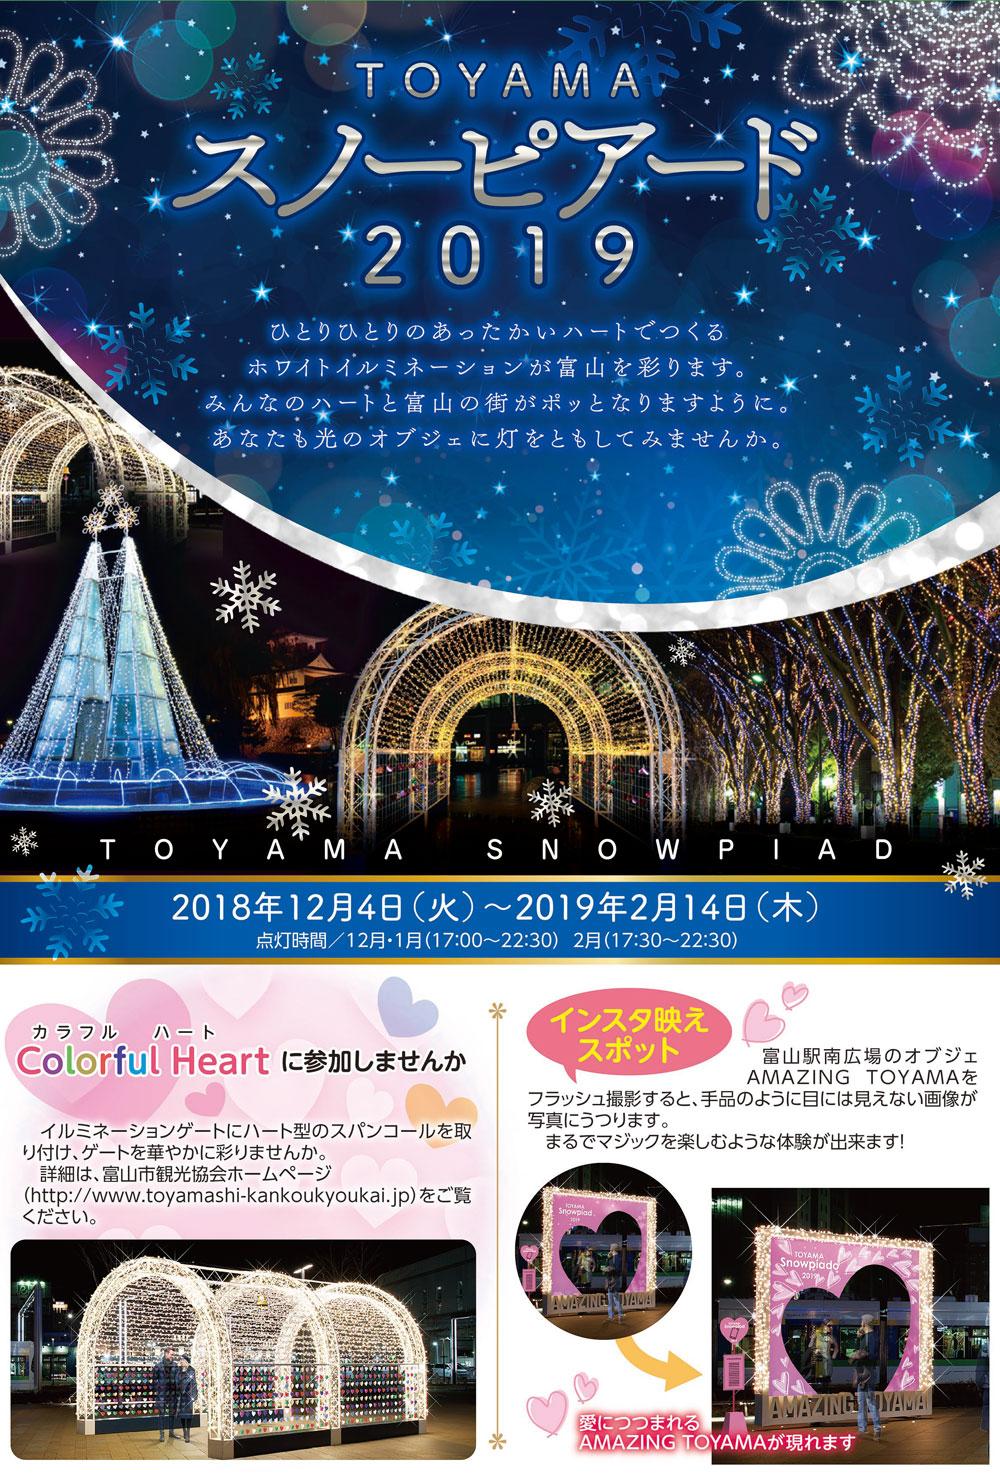 2019富山駅前イルミネーション「スノーピアード、ホワイトイルミネーション」のチラシ